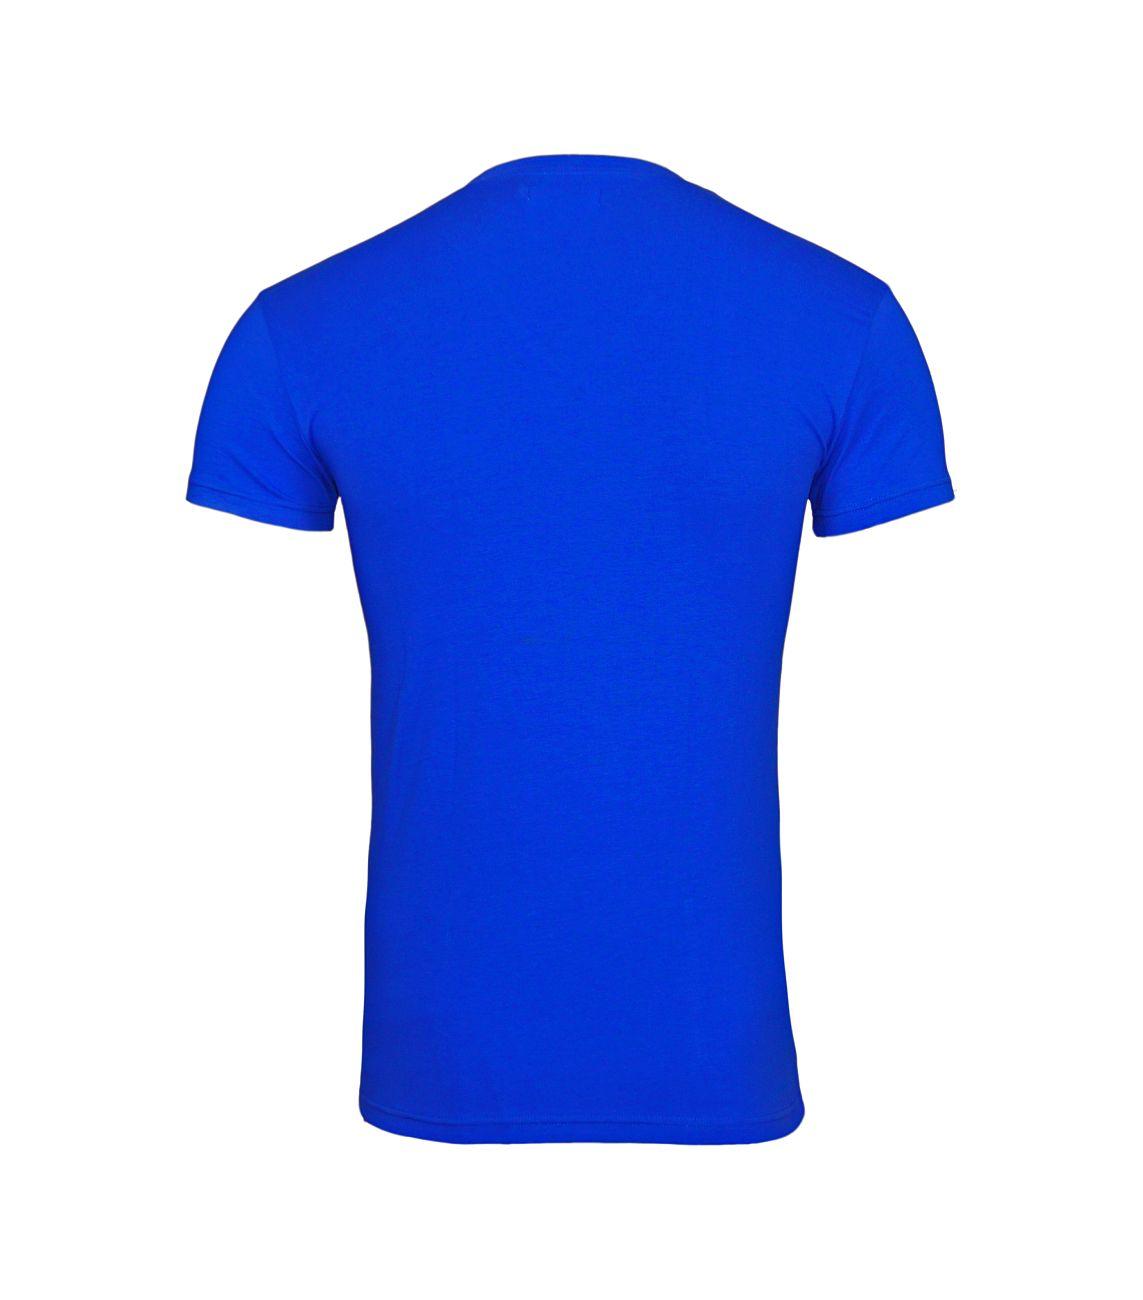 Emporio Armani T-Shirt V-Ausschnitt 110810 8P512 20533 ULTRAMARINE F18-EAT1